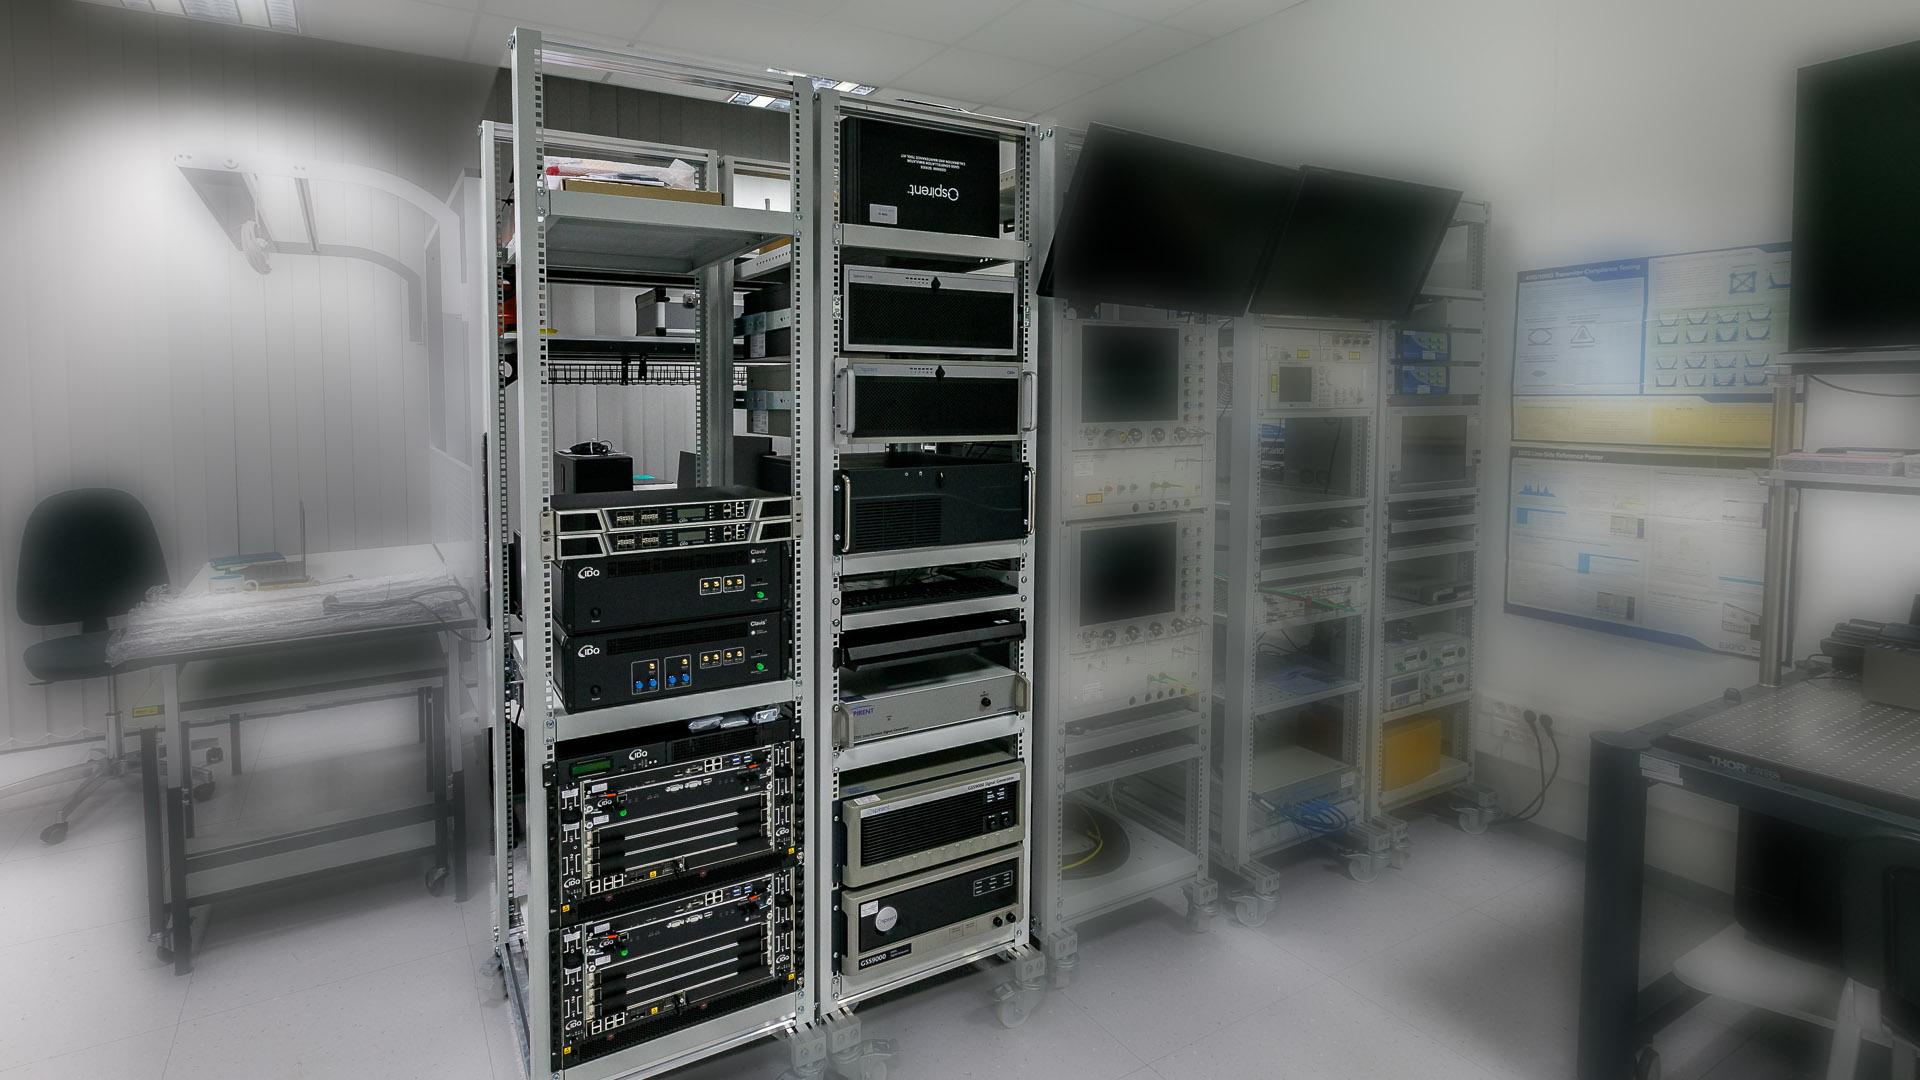 W ramach projektu NLPQT zakupiono i uruchomiono w PCSS system do modelowania i symulowania systemów nawigacji satelitarnej – GNSS